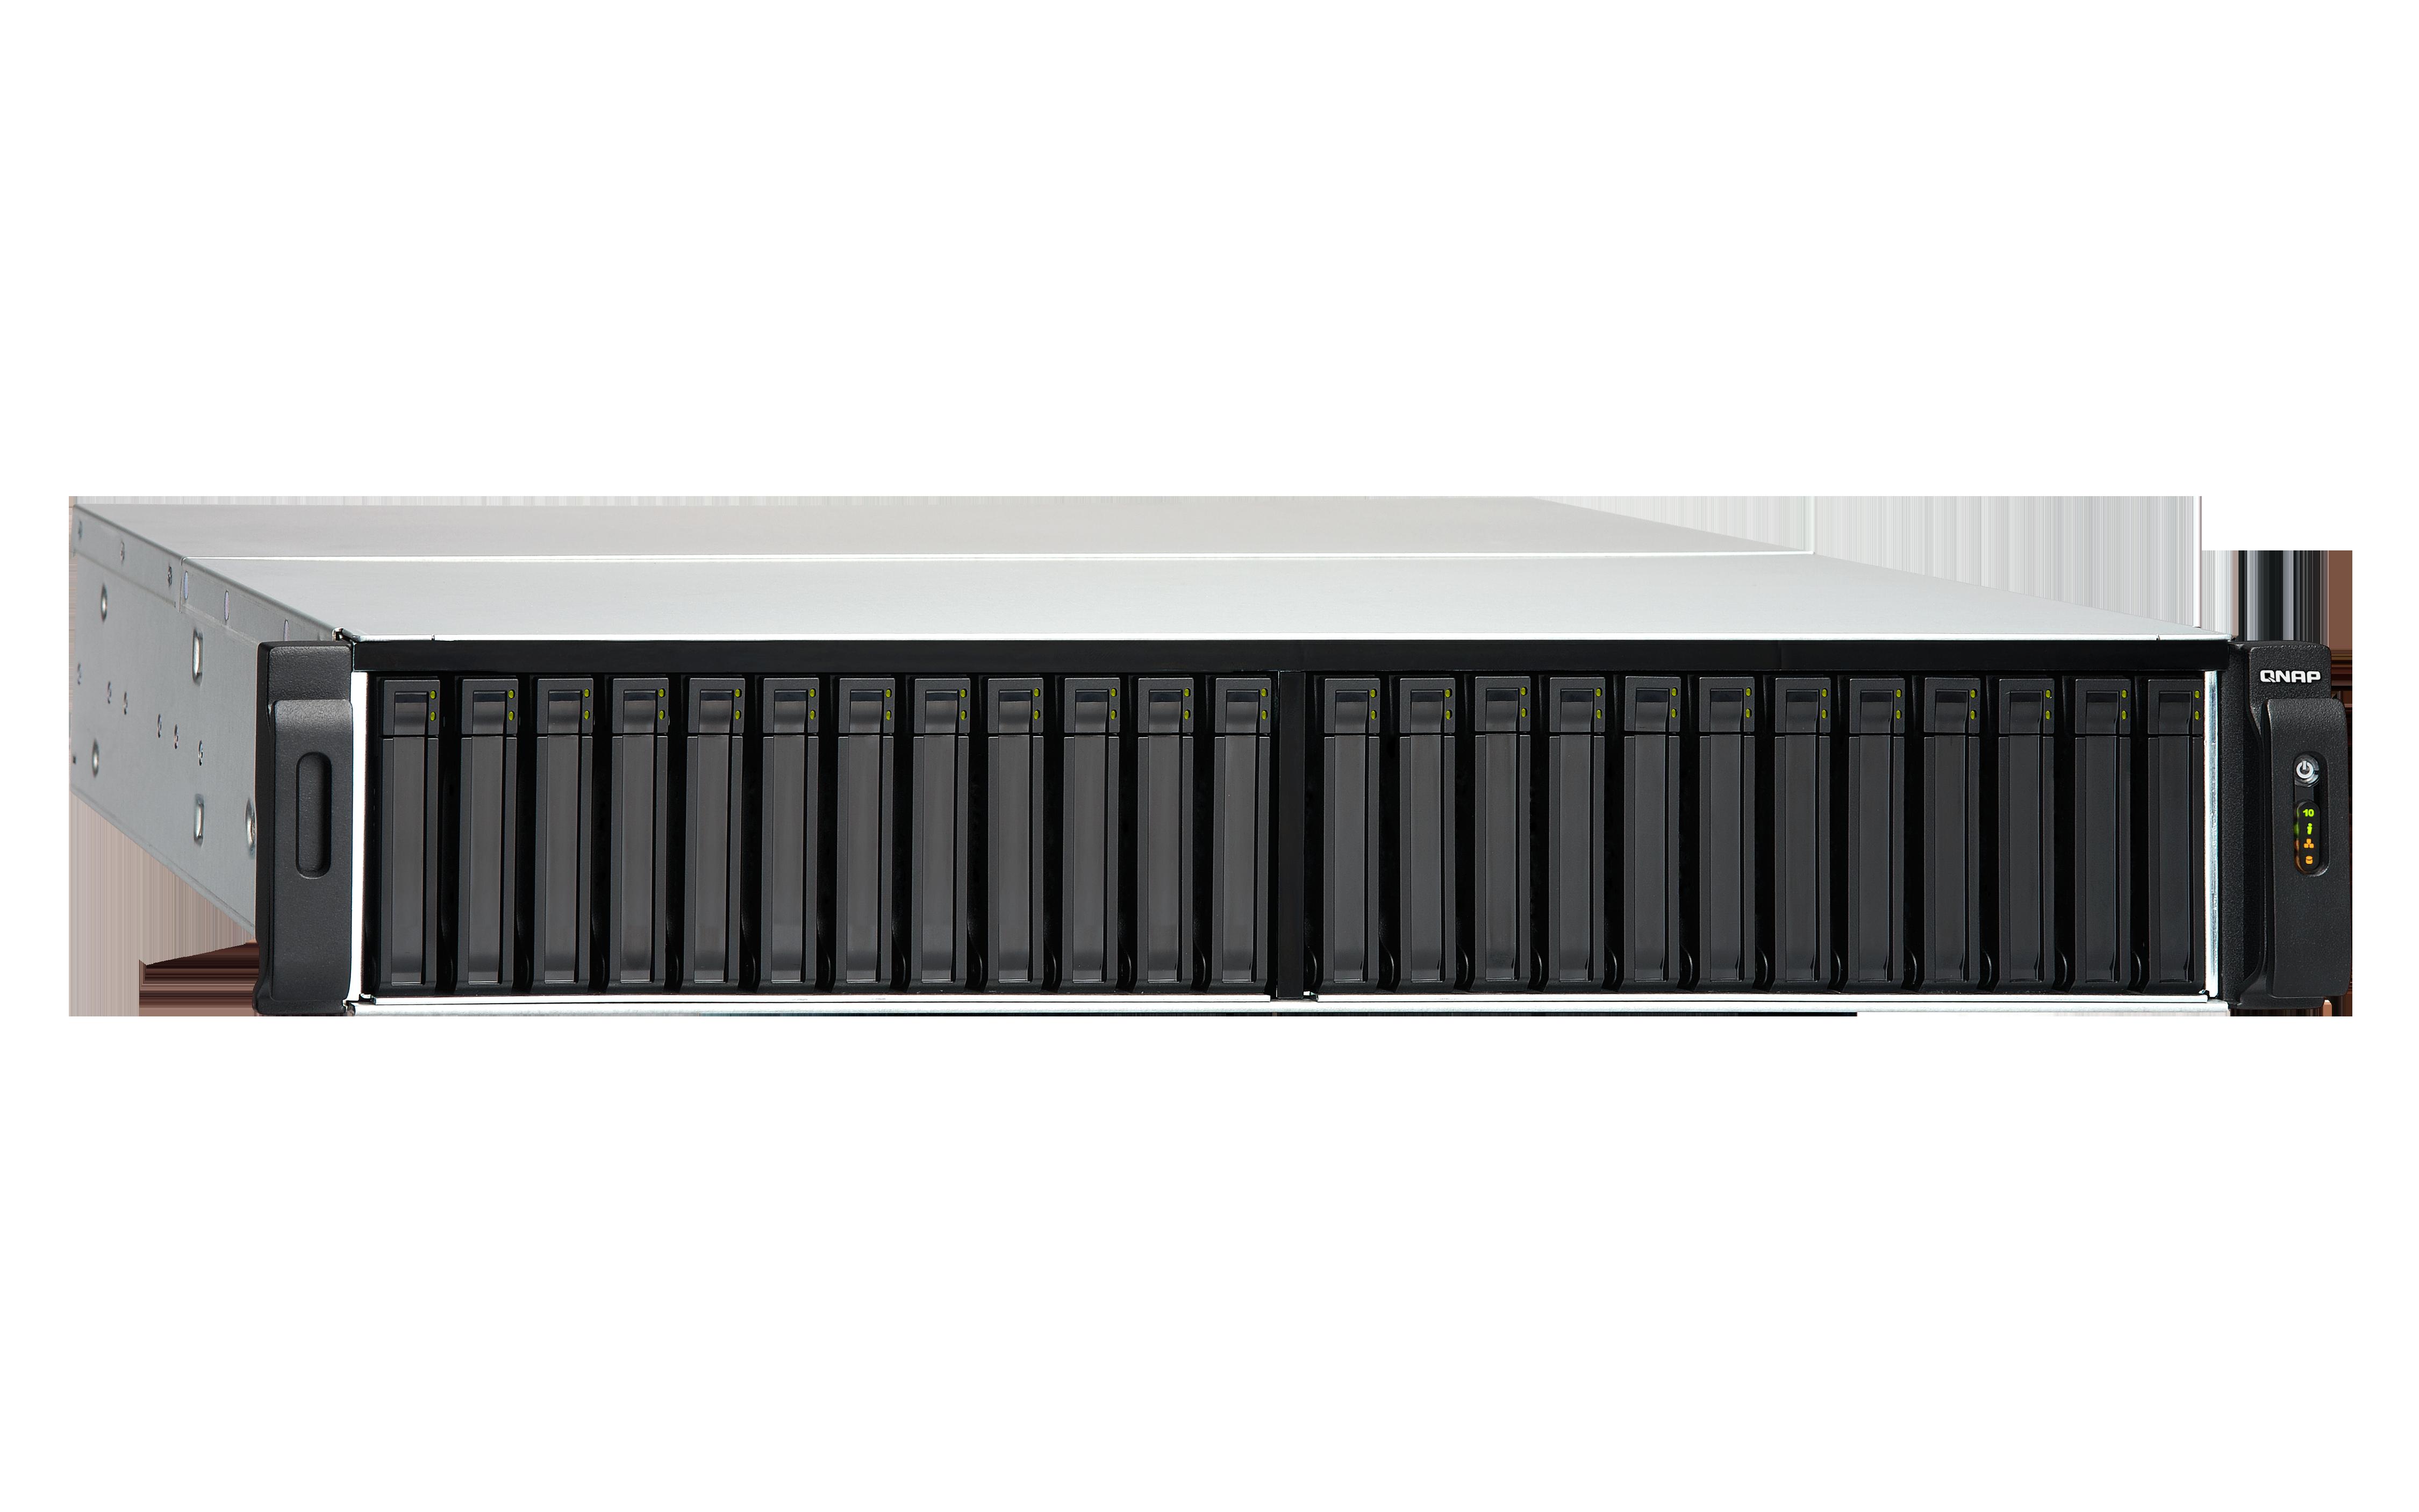 TES-3085U-D1548-32G - QNAP TES-3085U - NAS server - 0 GB